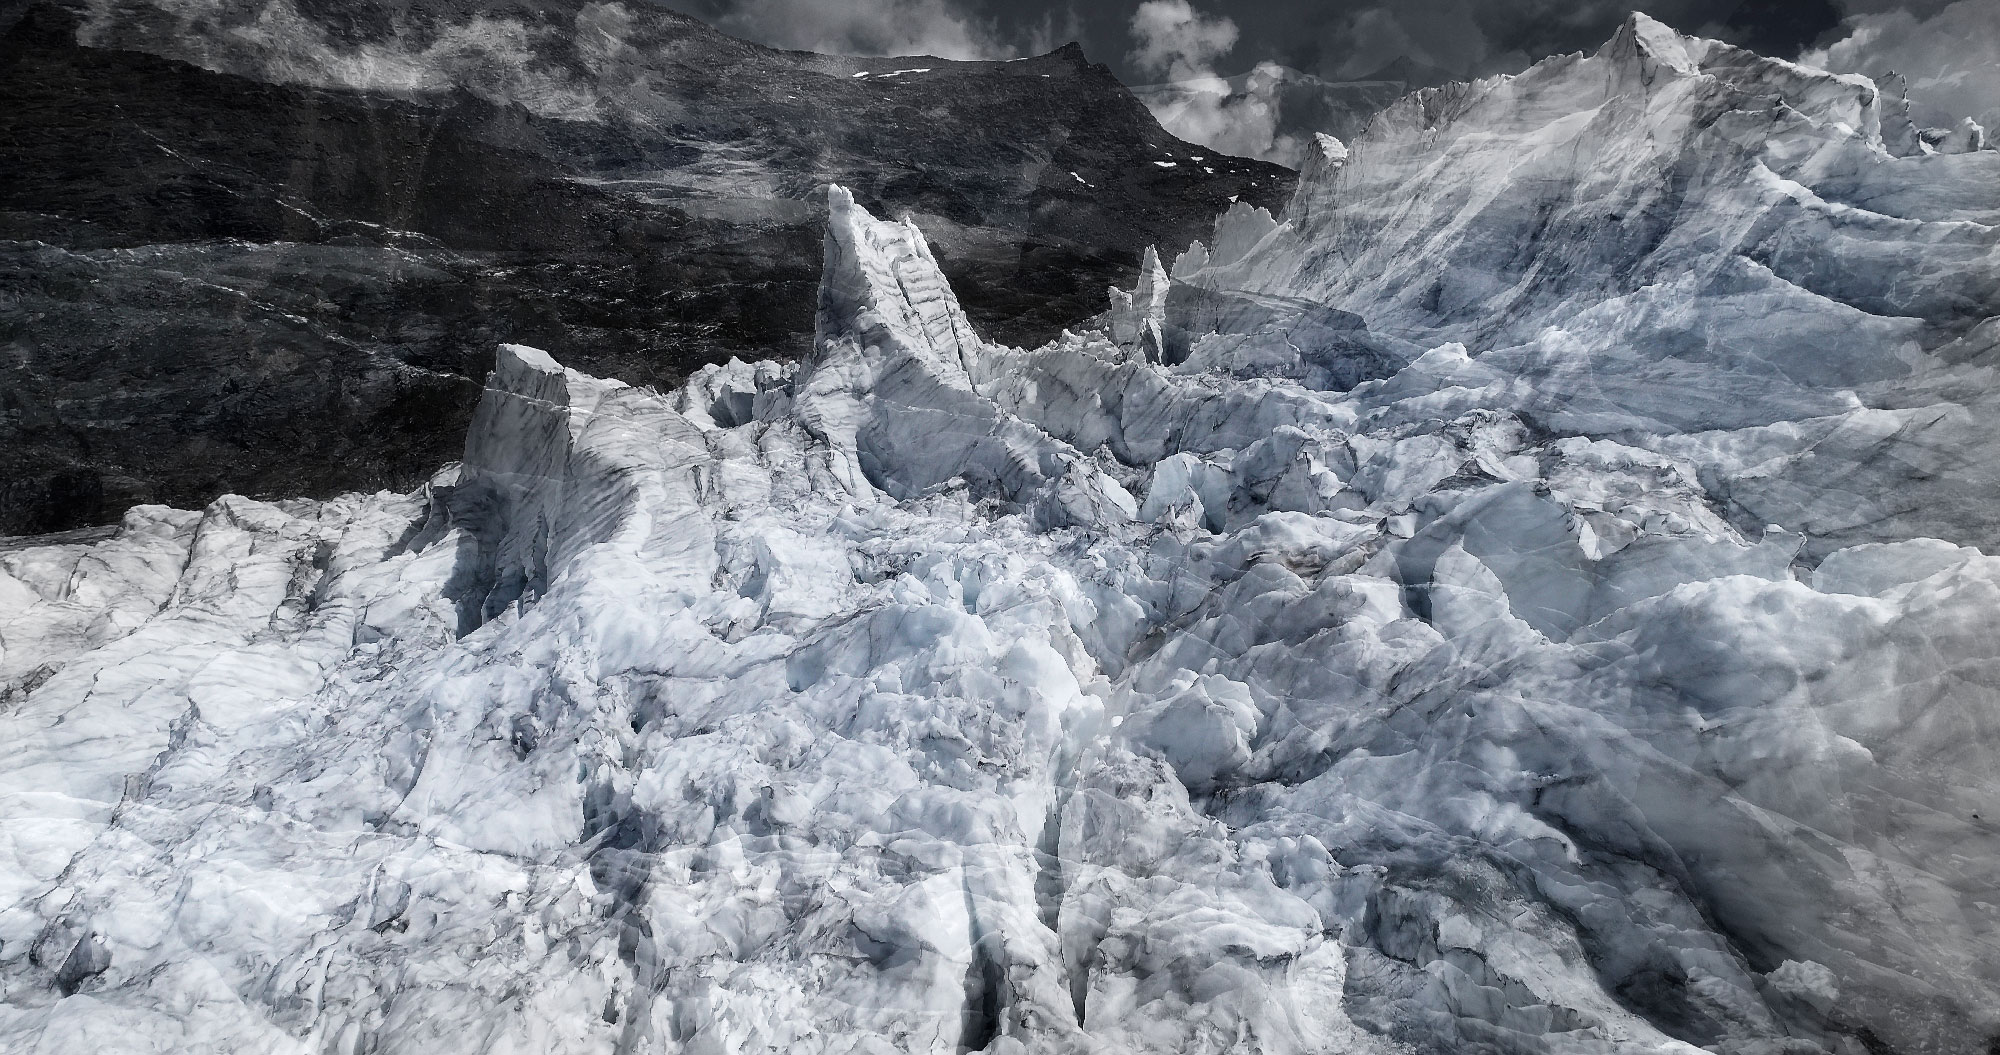 #140 Glaciers offset, 2017, photographie reconstruite à partir de bandes videos, réalisées sur le glacier Gornergletscher  #140 Glaciers offset, 2017, photographie reconstruite à partir de bandes videos, réalisées sur le glacier Gornergletscher